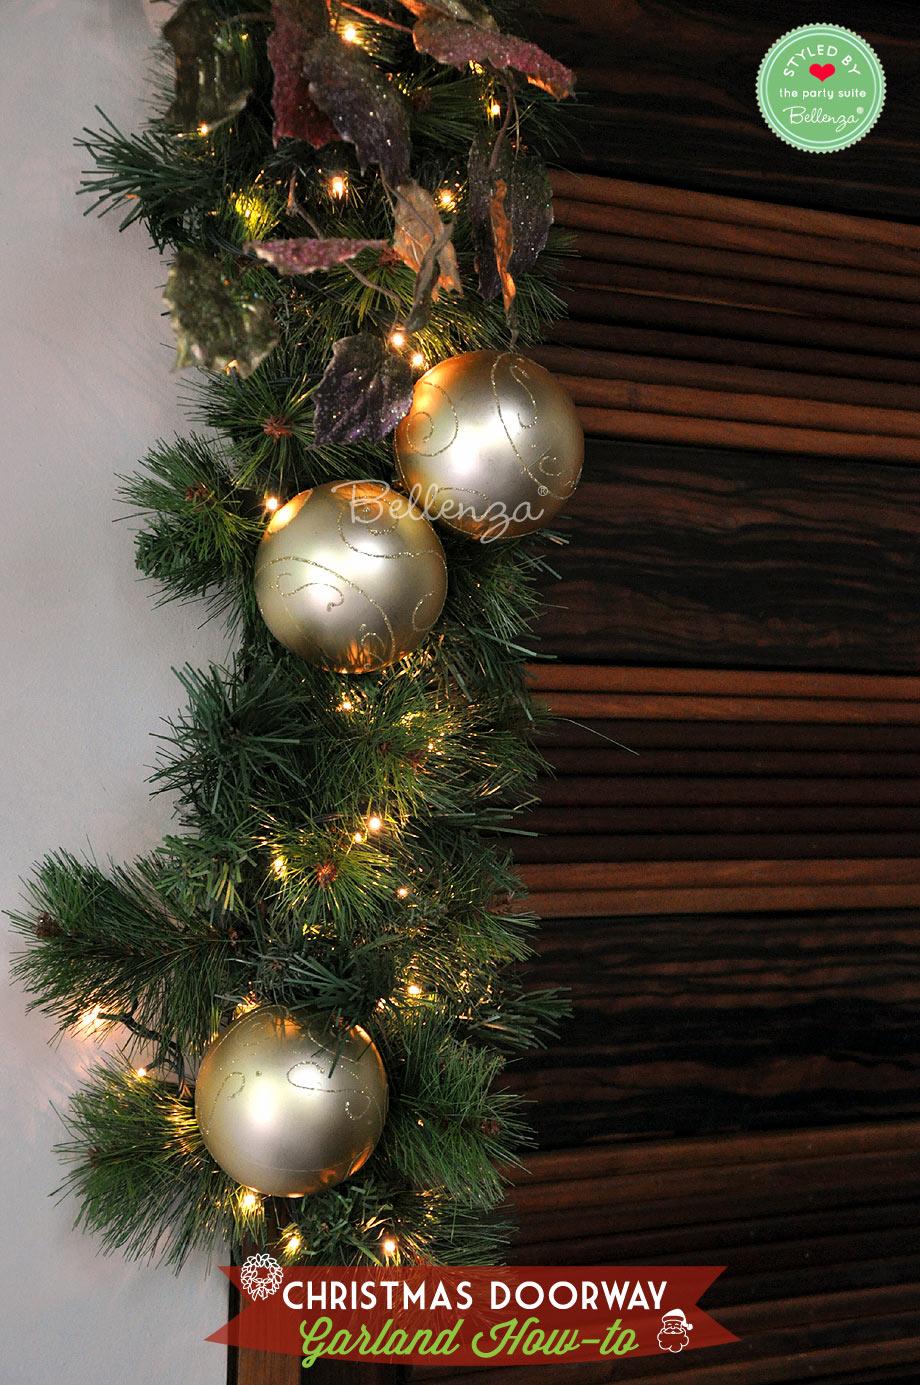 Golden baubles on Christmas garland doorway // Bellenza